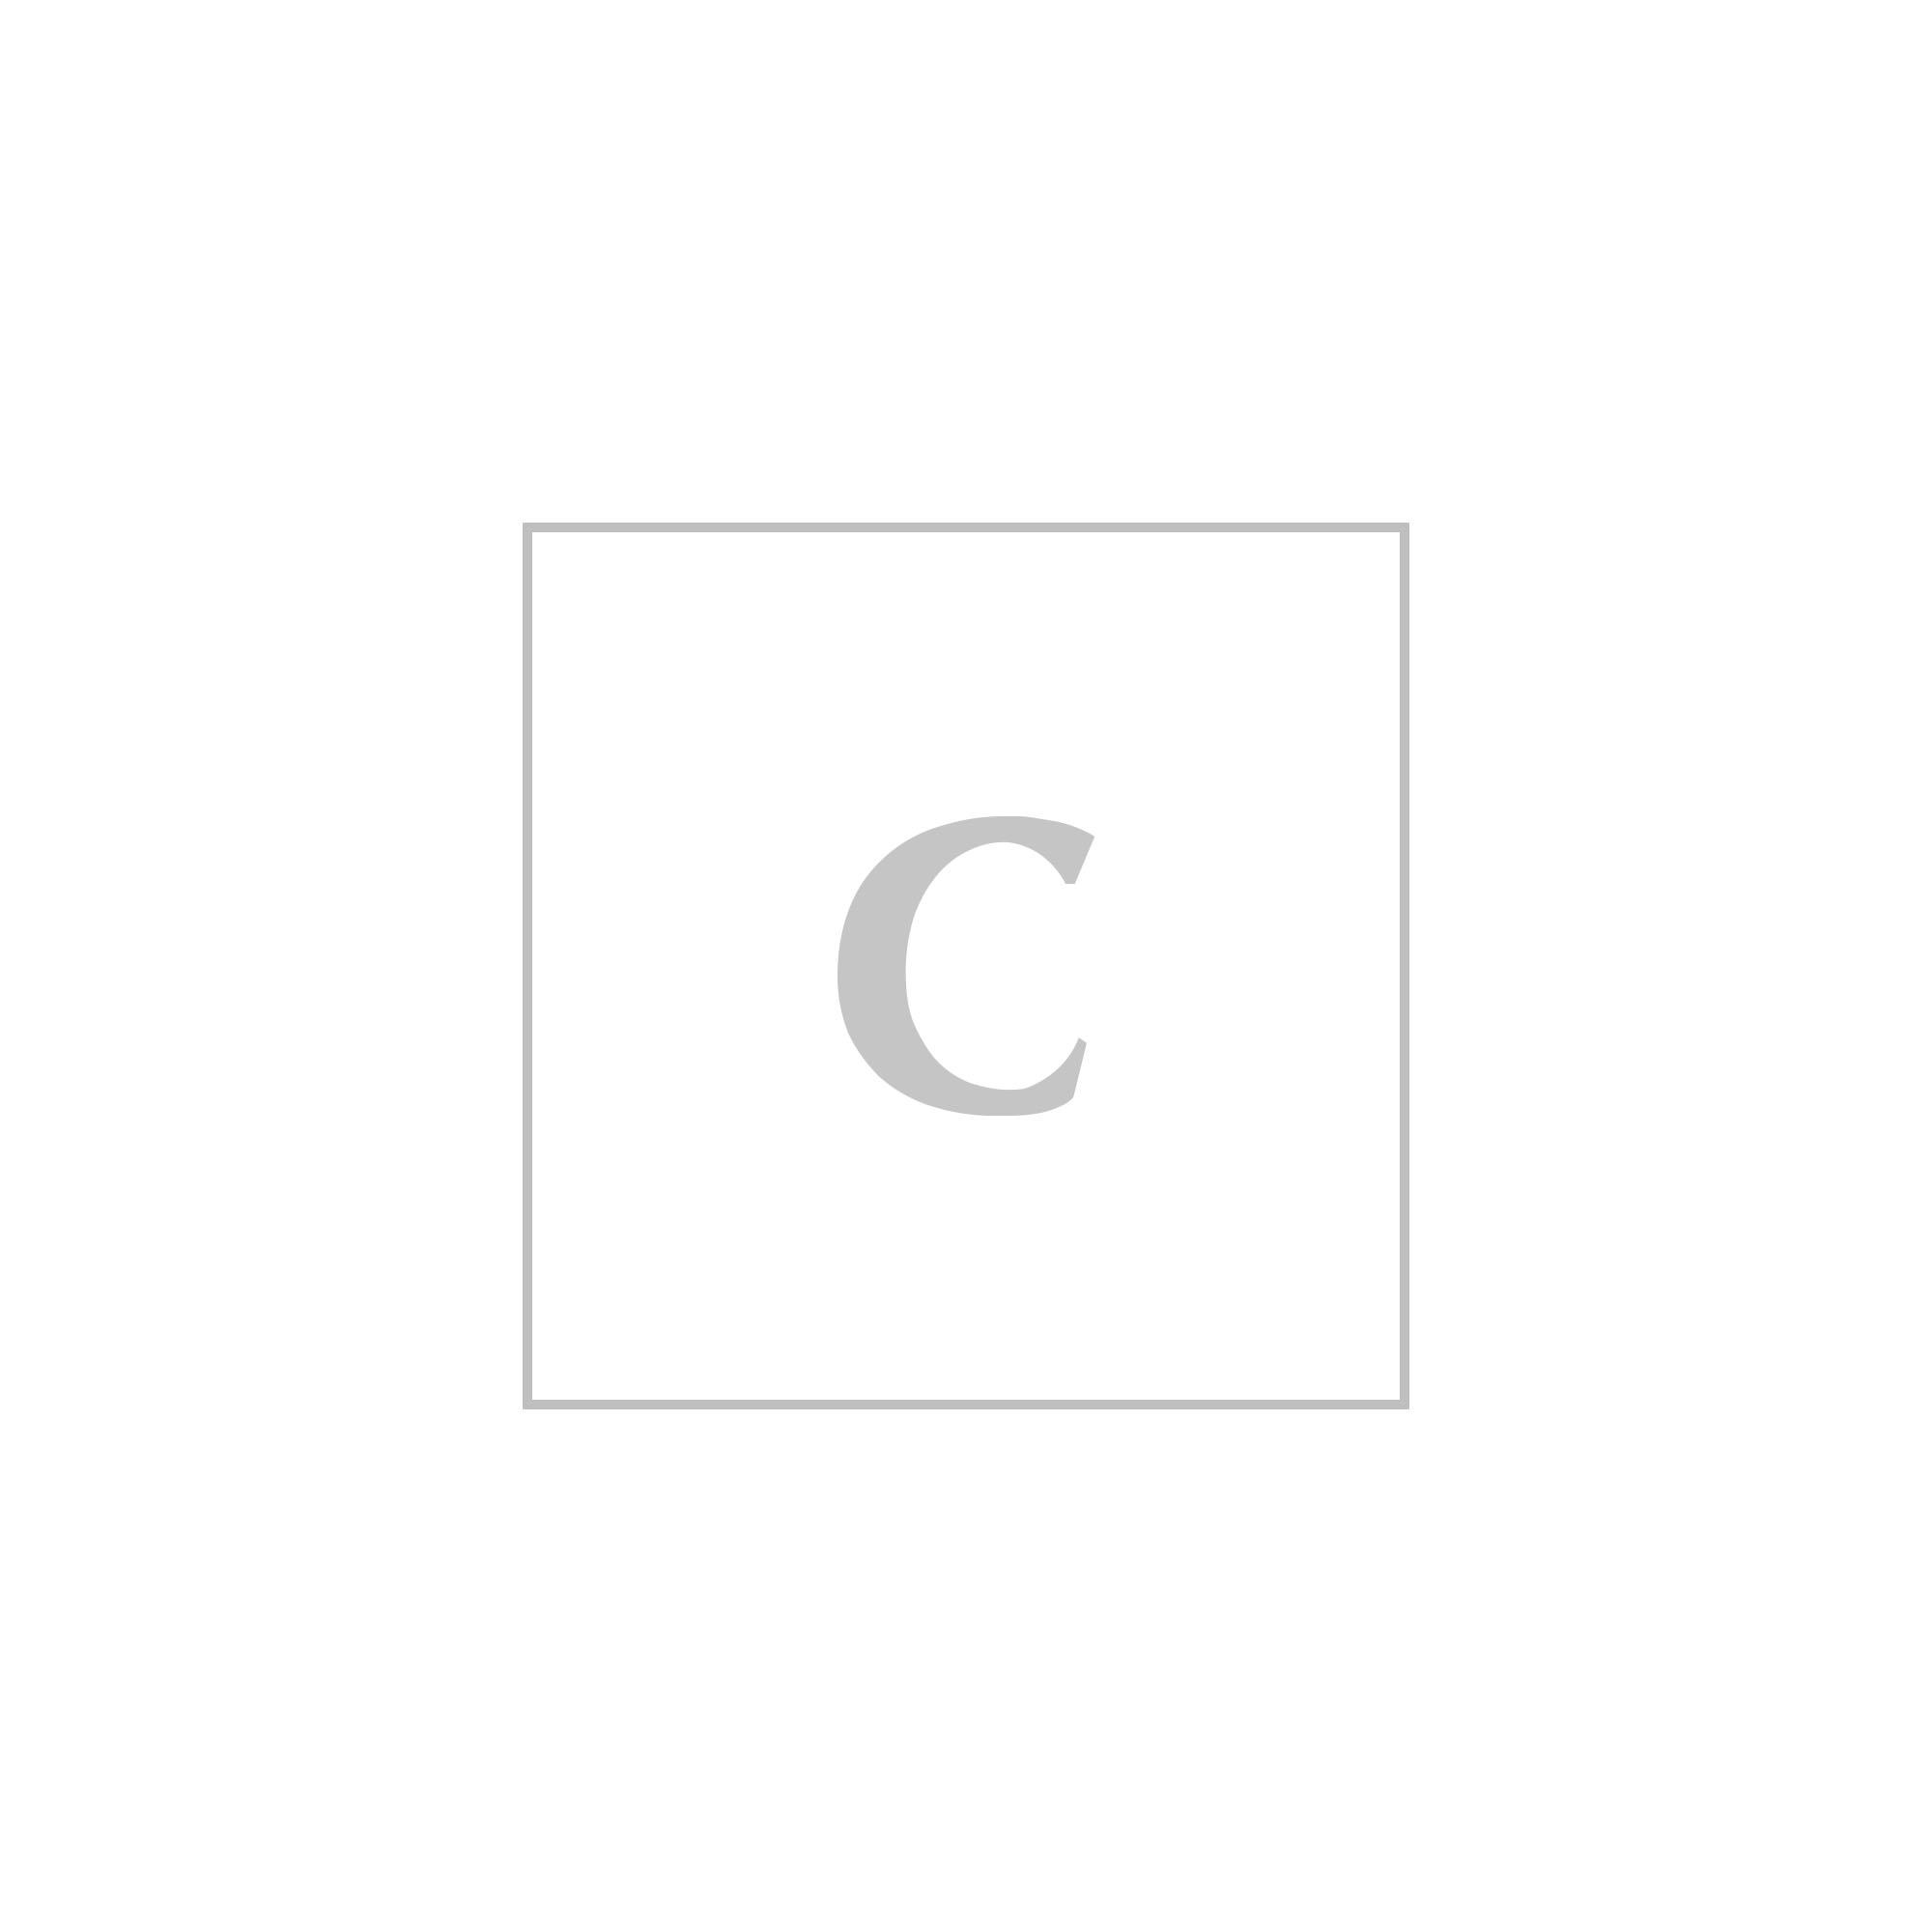 Gcds logo bomber jacket